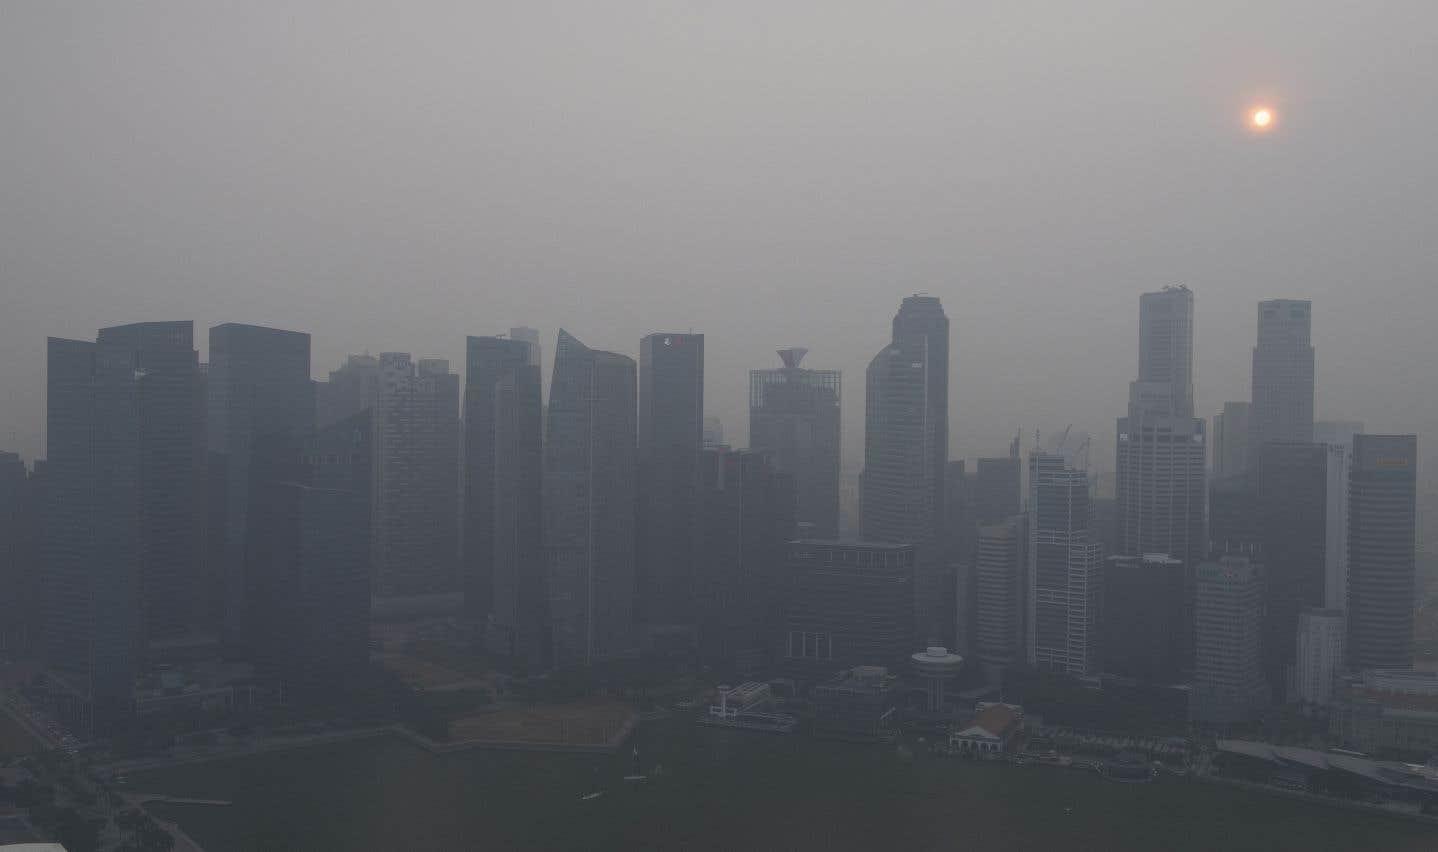 Des feux de forêt en Indonésie ont causé un épais nuage de fumée toxique dans la cité-État insulaire. Cela a entraîné la fermeture de milliers d'écoles ainsi que d'aéroports en Malaisie et en Indonésie. Les forêts tropicales défrichées de Sumatra et de Bornéo sont ravagées par des incendies depuis plusieurs semaines.